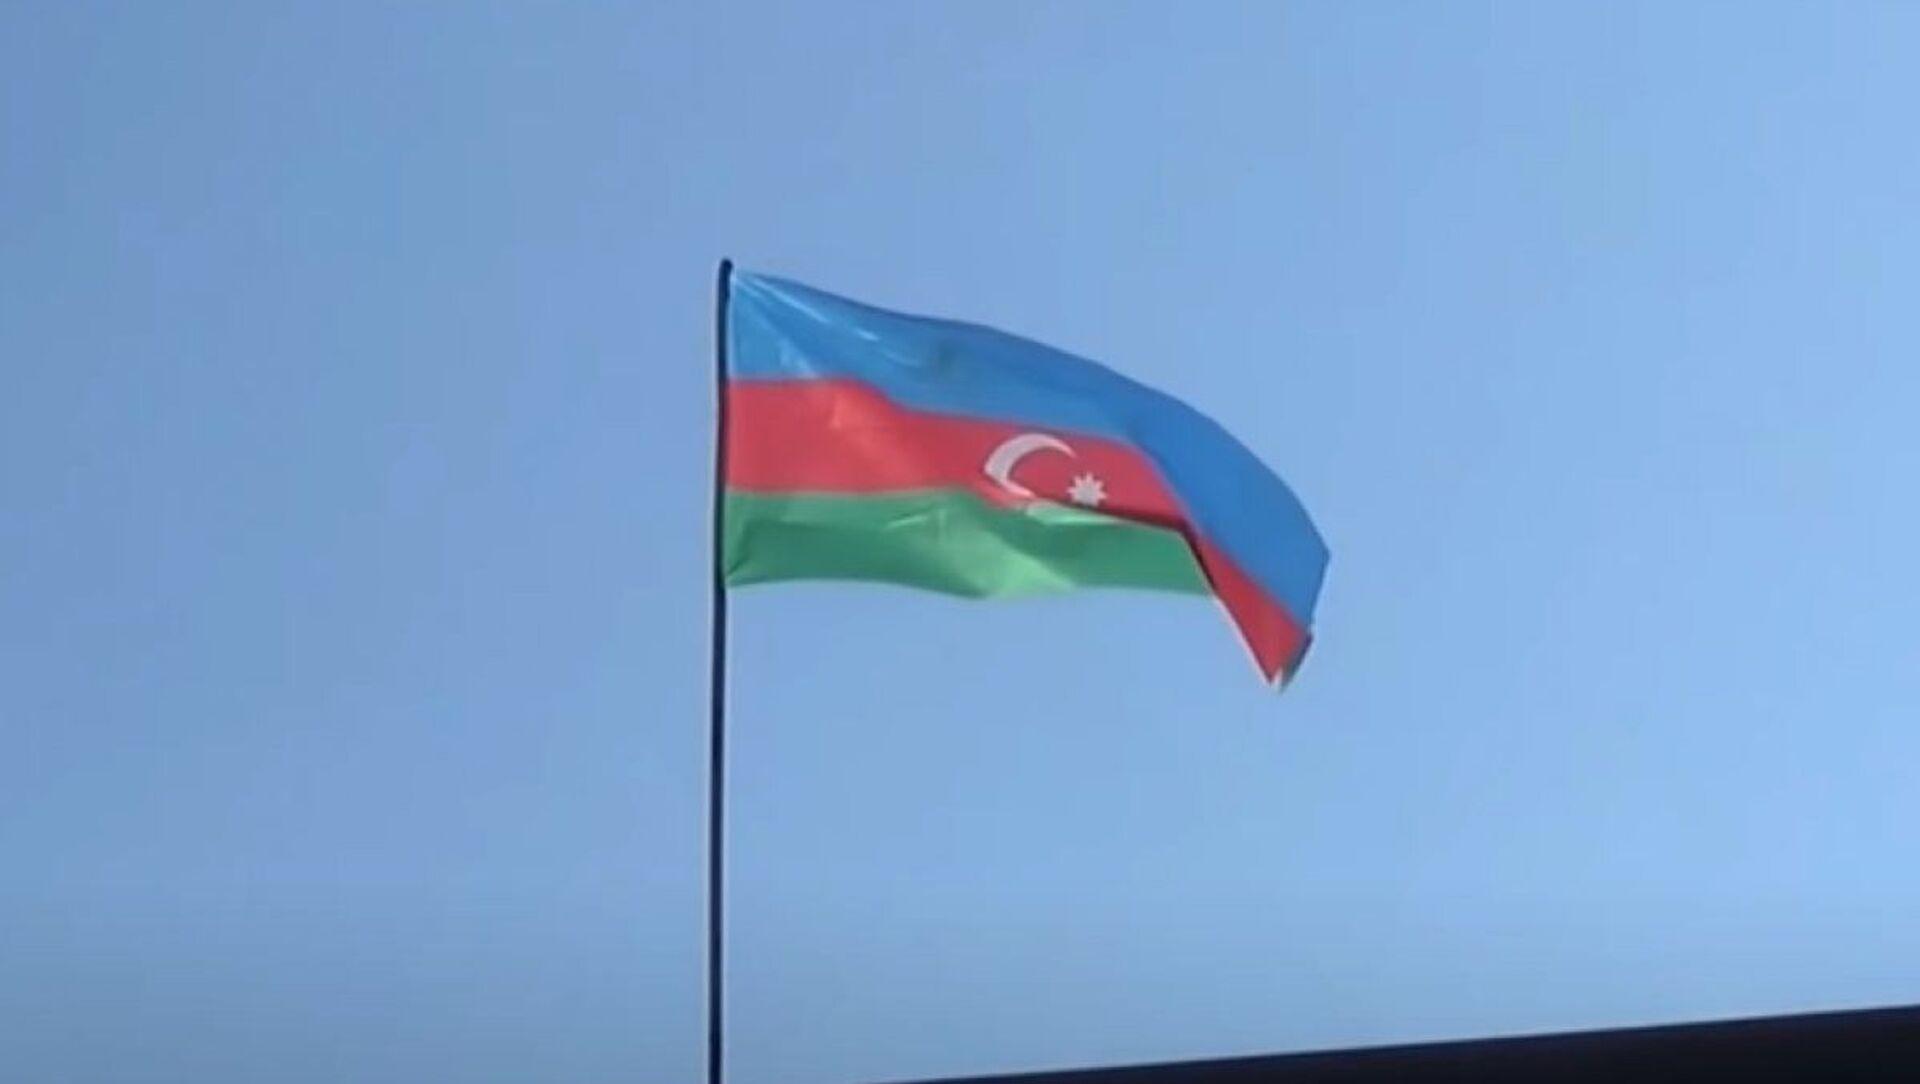 Azerbaycan bayrağı - Sputnik Türkiye, 1920, 09.06.2021